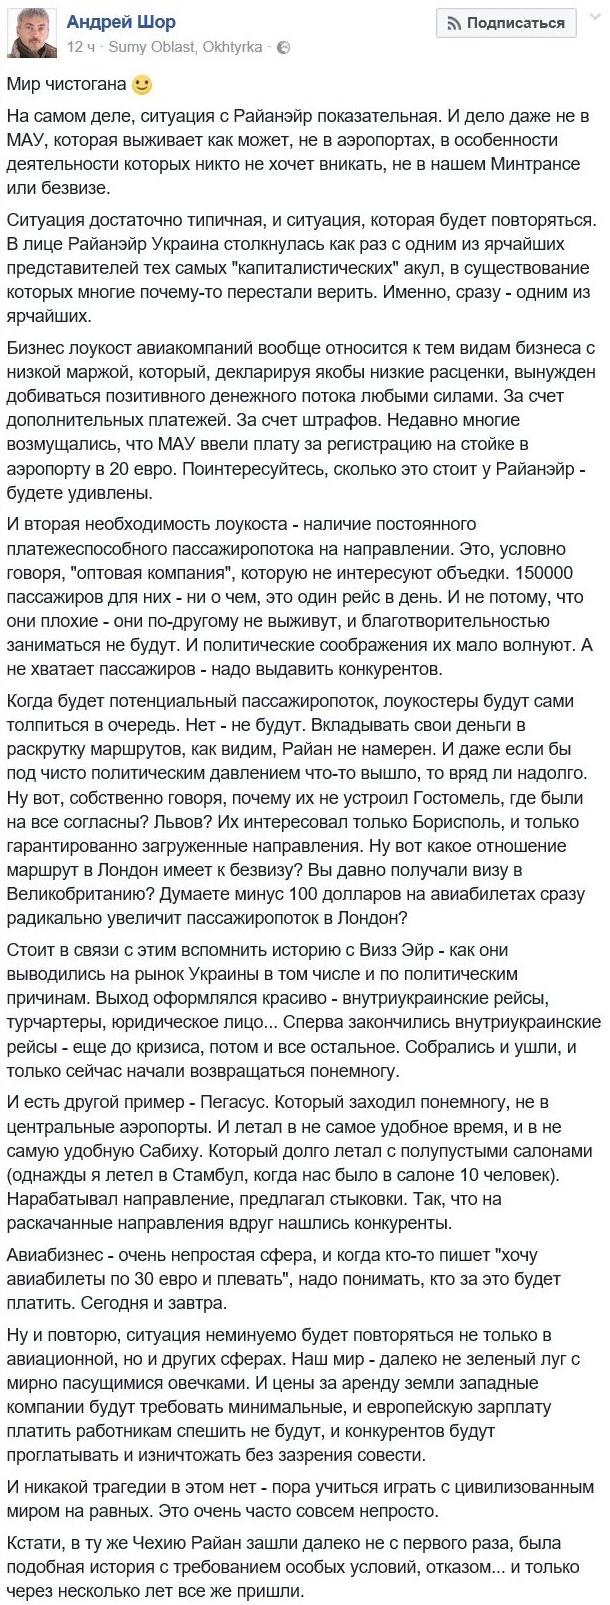 """Аэропорт """"Борисполь"""" в 2013-2016 годах предоставлял скидки только МАУ, - АМКУ - Цензор.НЕТ 1836"""